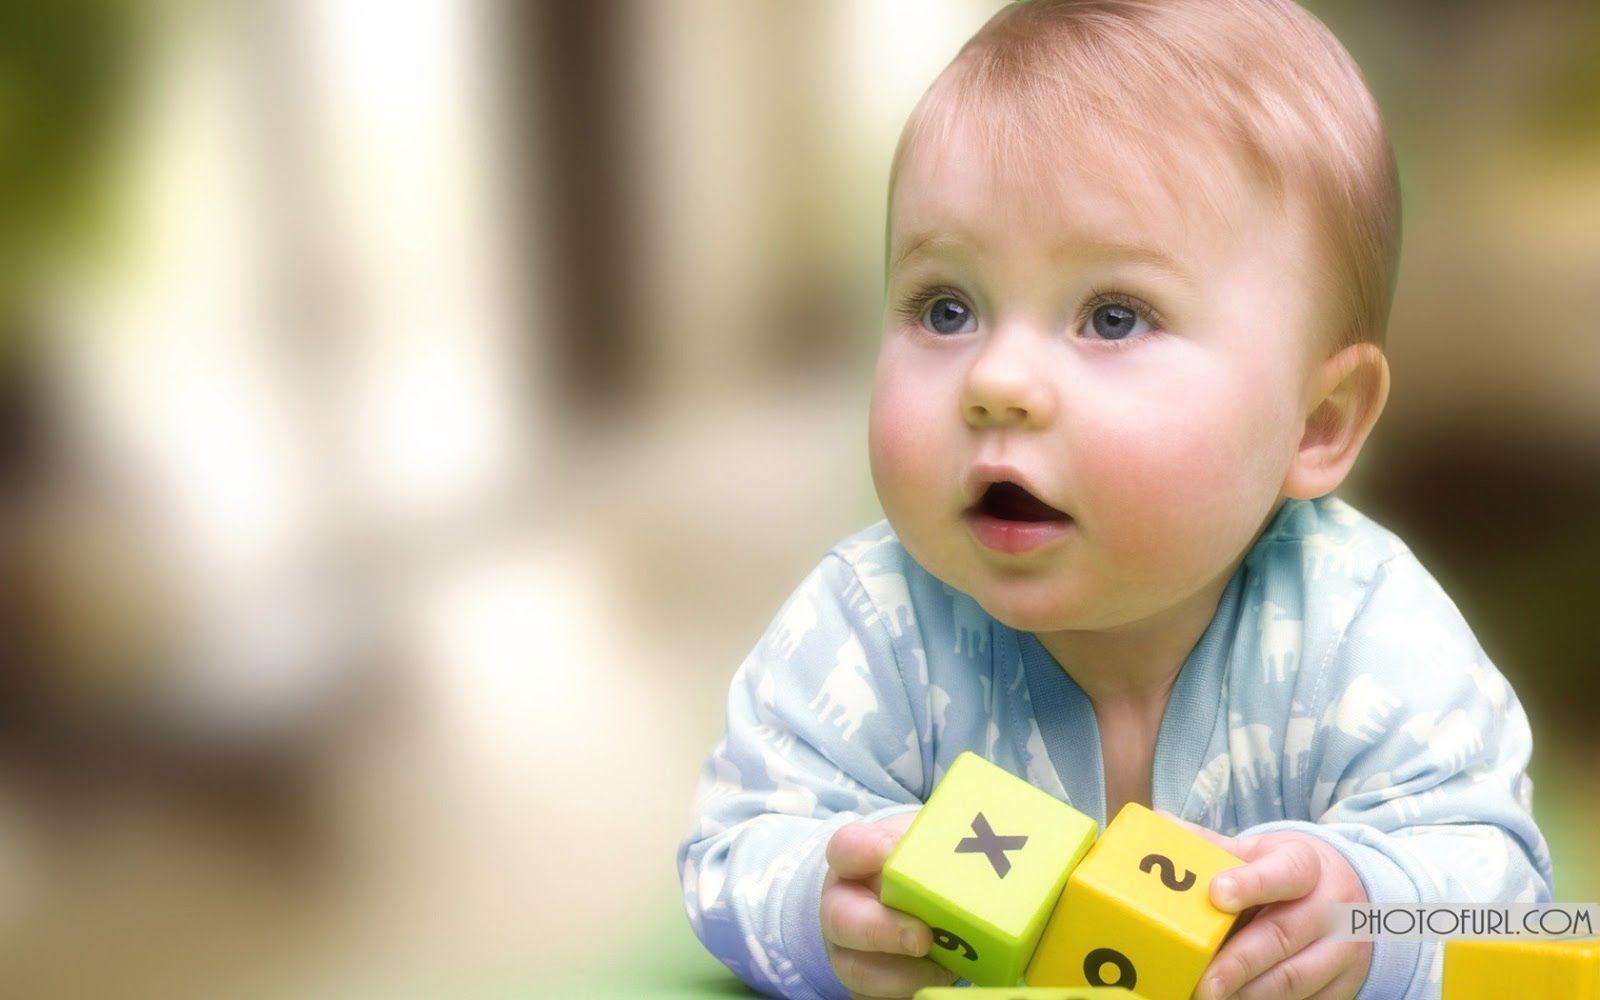 Cute boy hd wallpaper - Cute Baby Shoes For Boys Wallpaper Lovely Little Baby Boy Hd